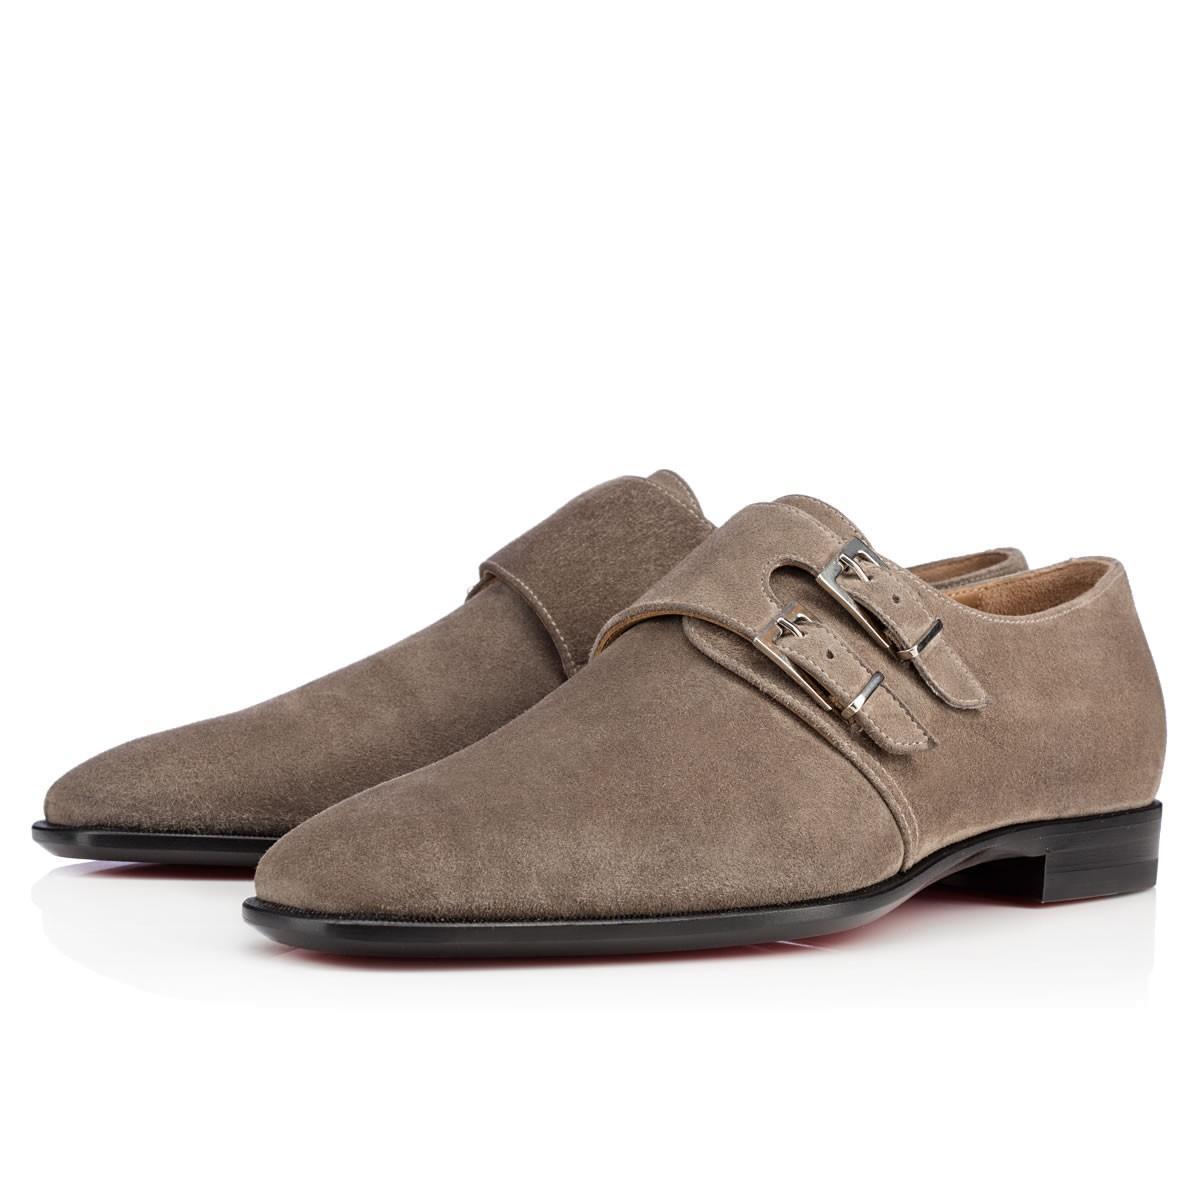 Novo cavalheiro Vermelho Mocasses de Luxo Partido Sapatos De Casamento Designer Black Patent Leather Couro Camurça Sapatos Para Mens Slip em Fivelas Flats